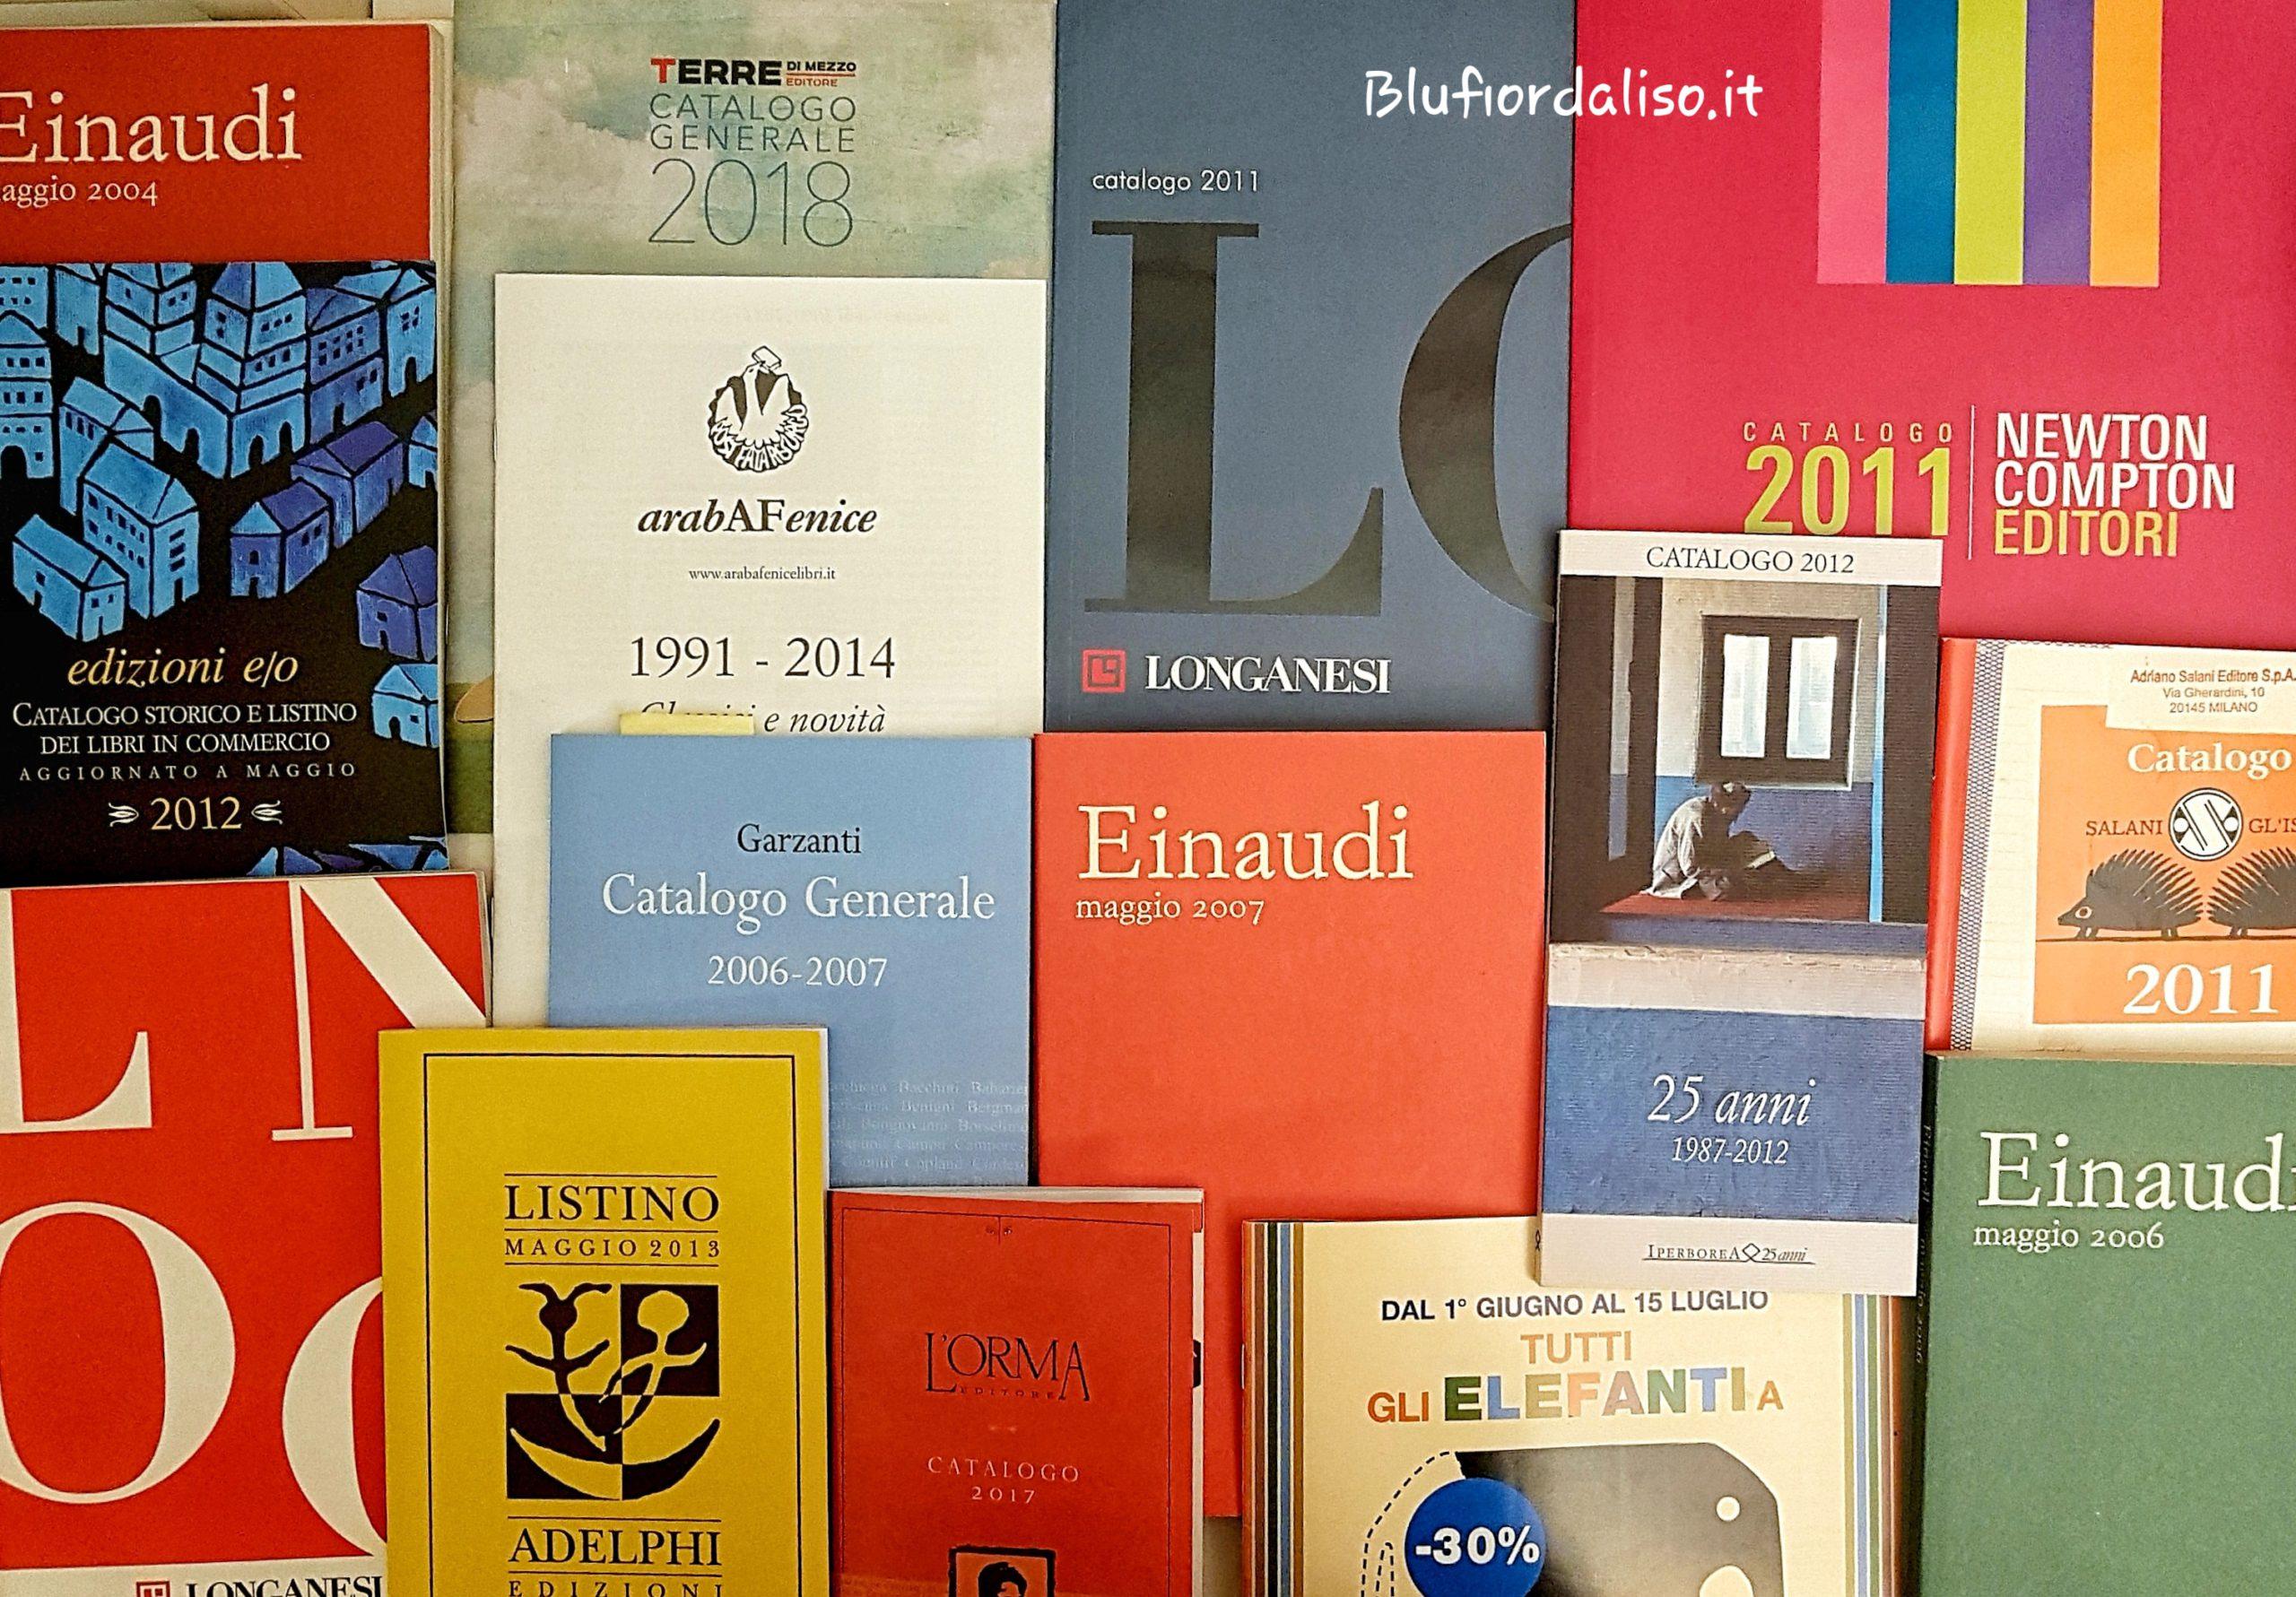 Libreria Per Libri Pesanti la genesi dei libri: il mondo editoriale nel 2020